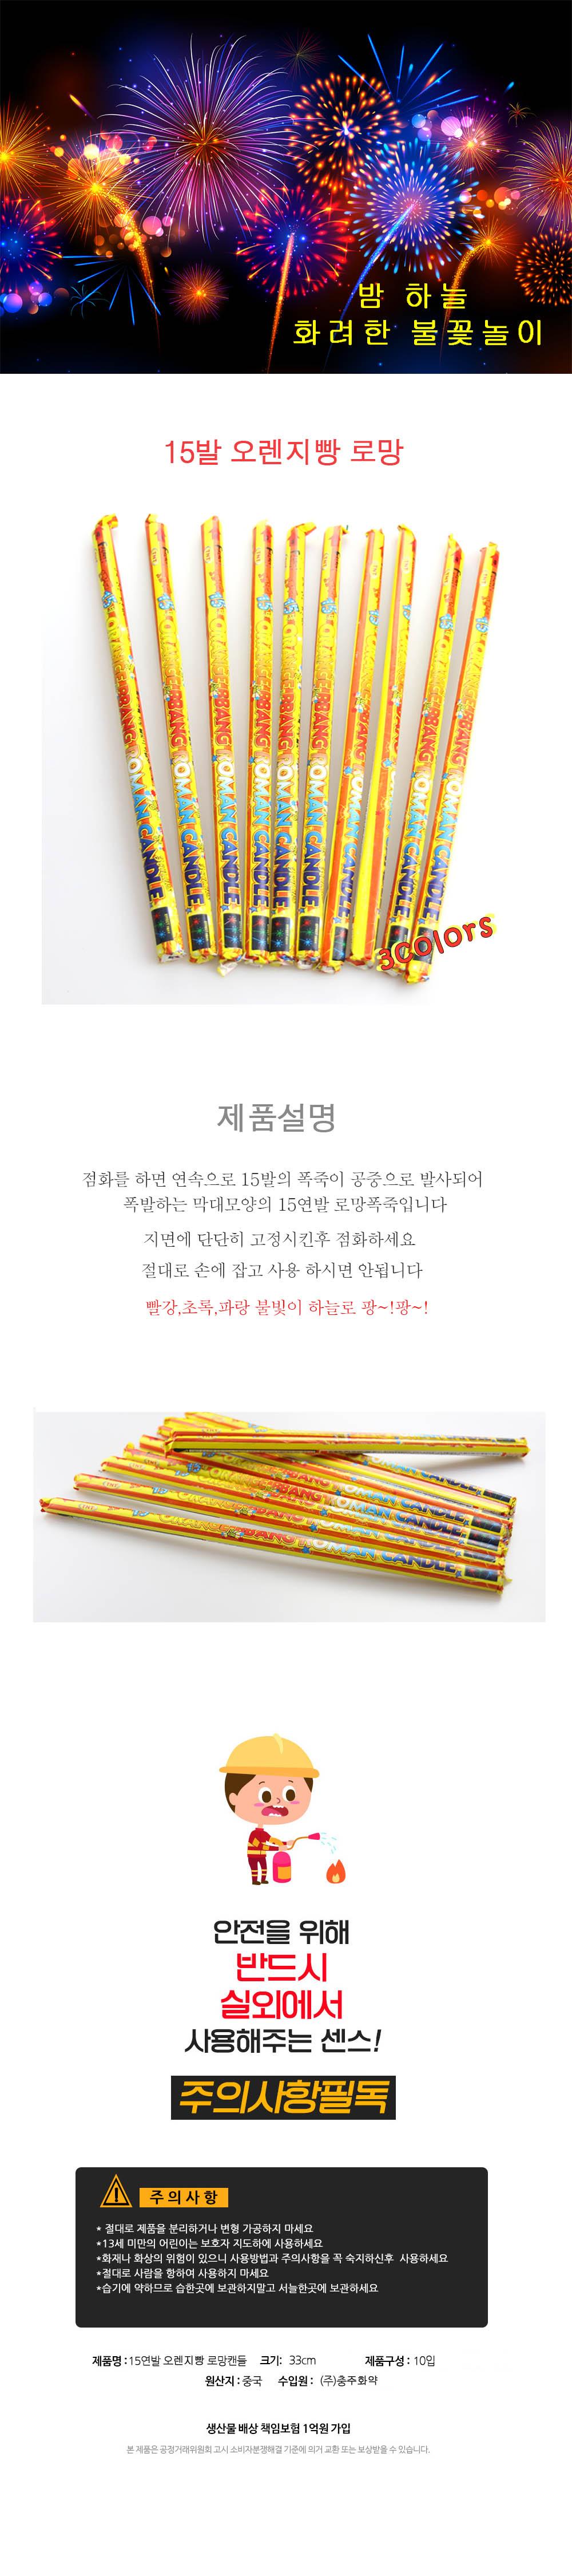 15연발로망(10입) - 파티클럽, 3,900원, 파티용품, 양초/폭죽